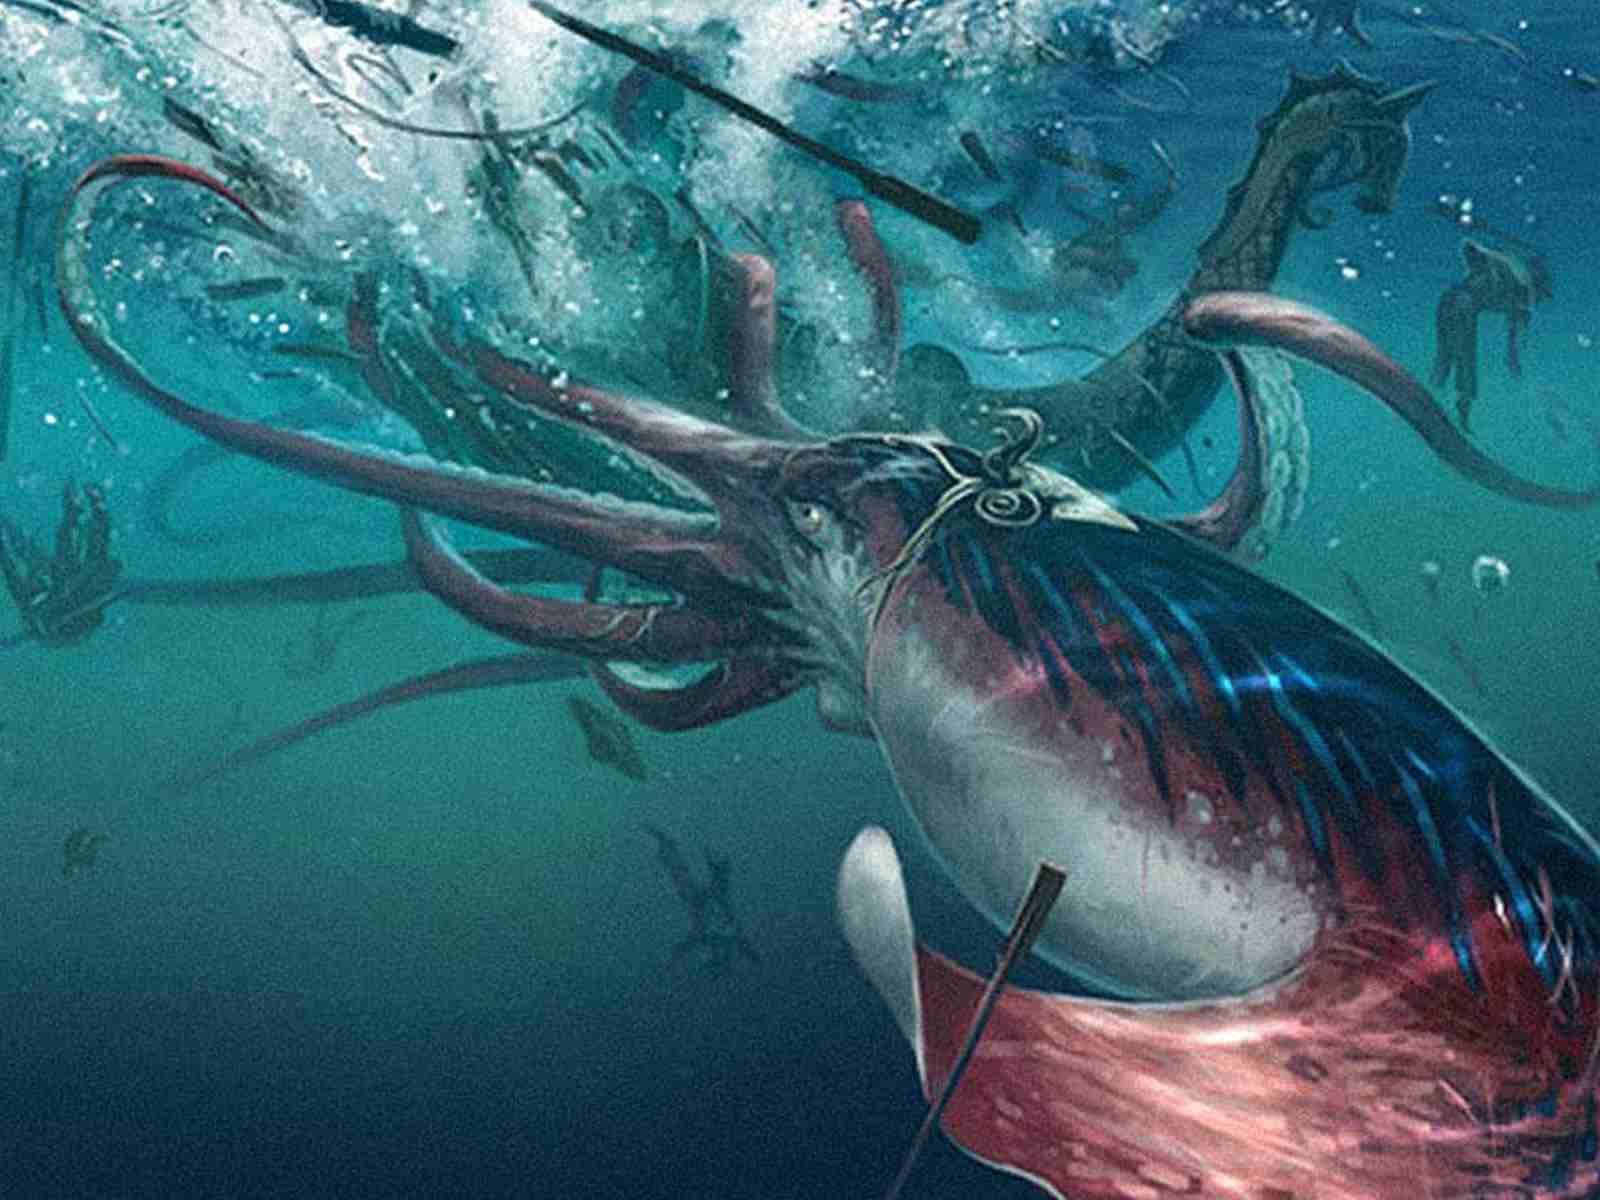 kraken google earth